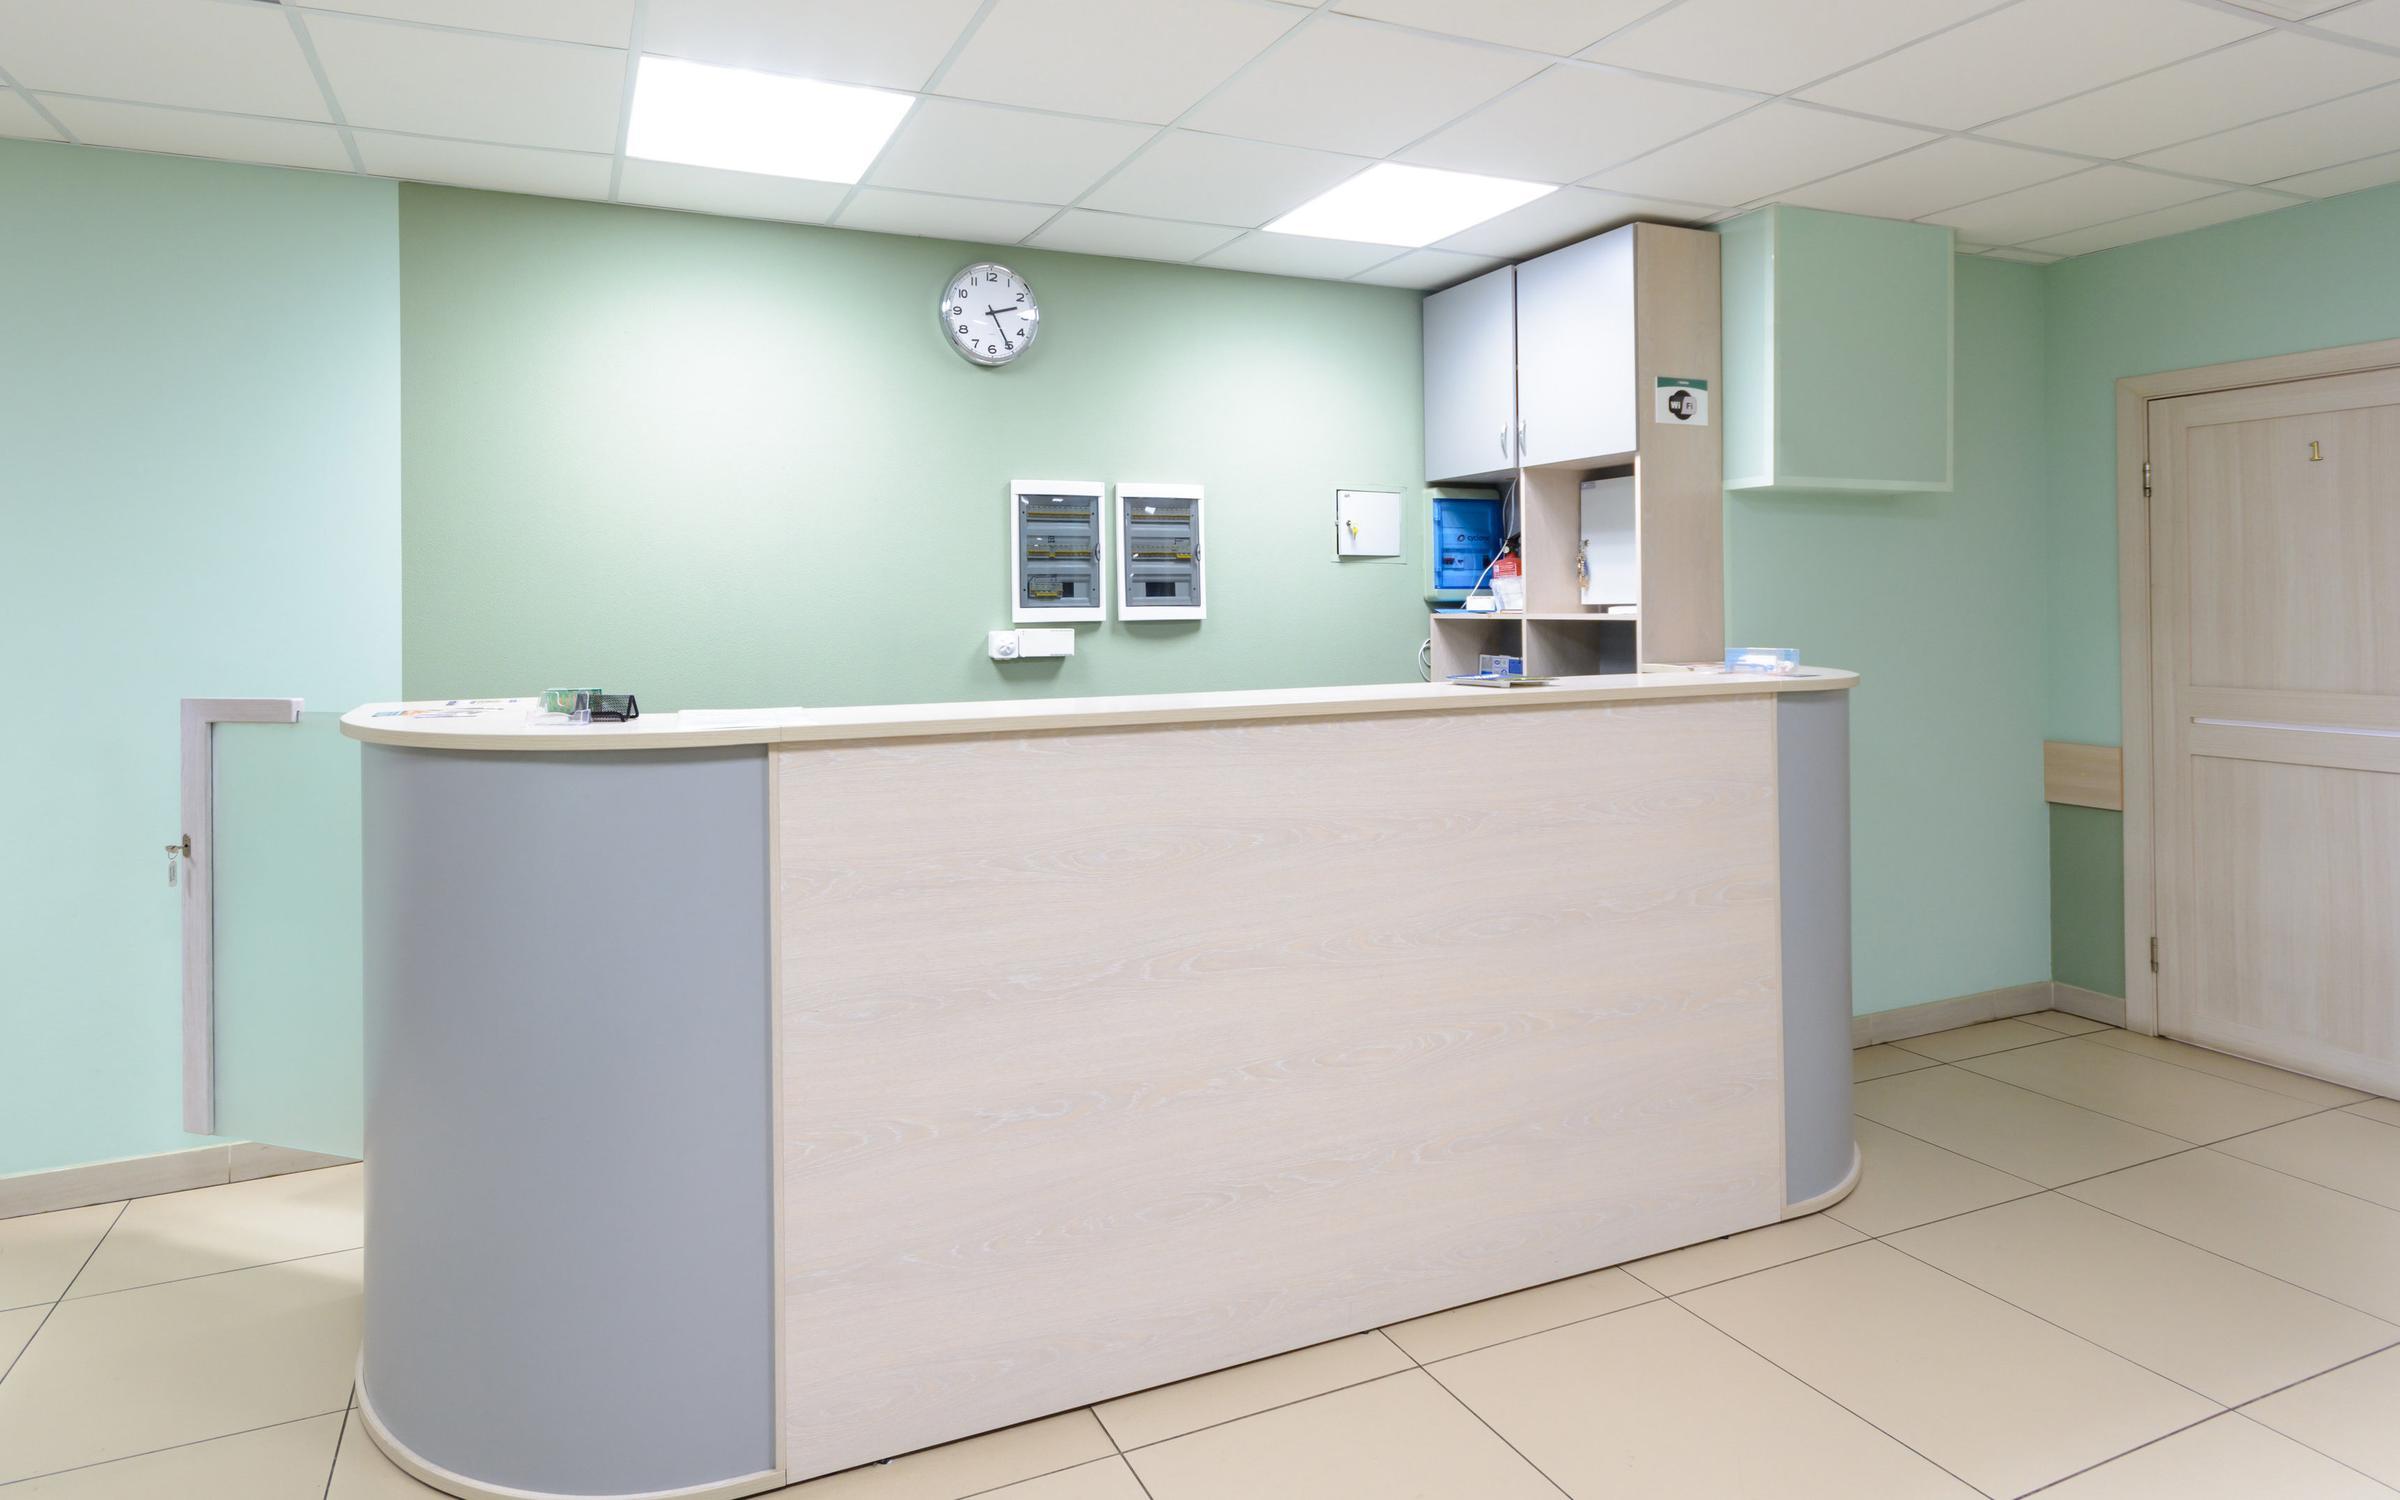 фотография Медицинского центра Максимед на Оружейной улице